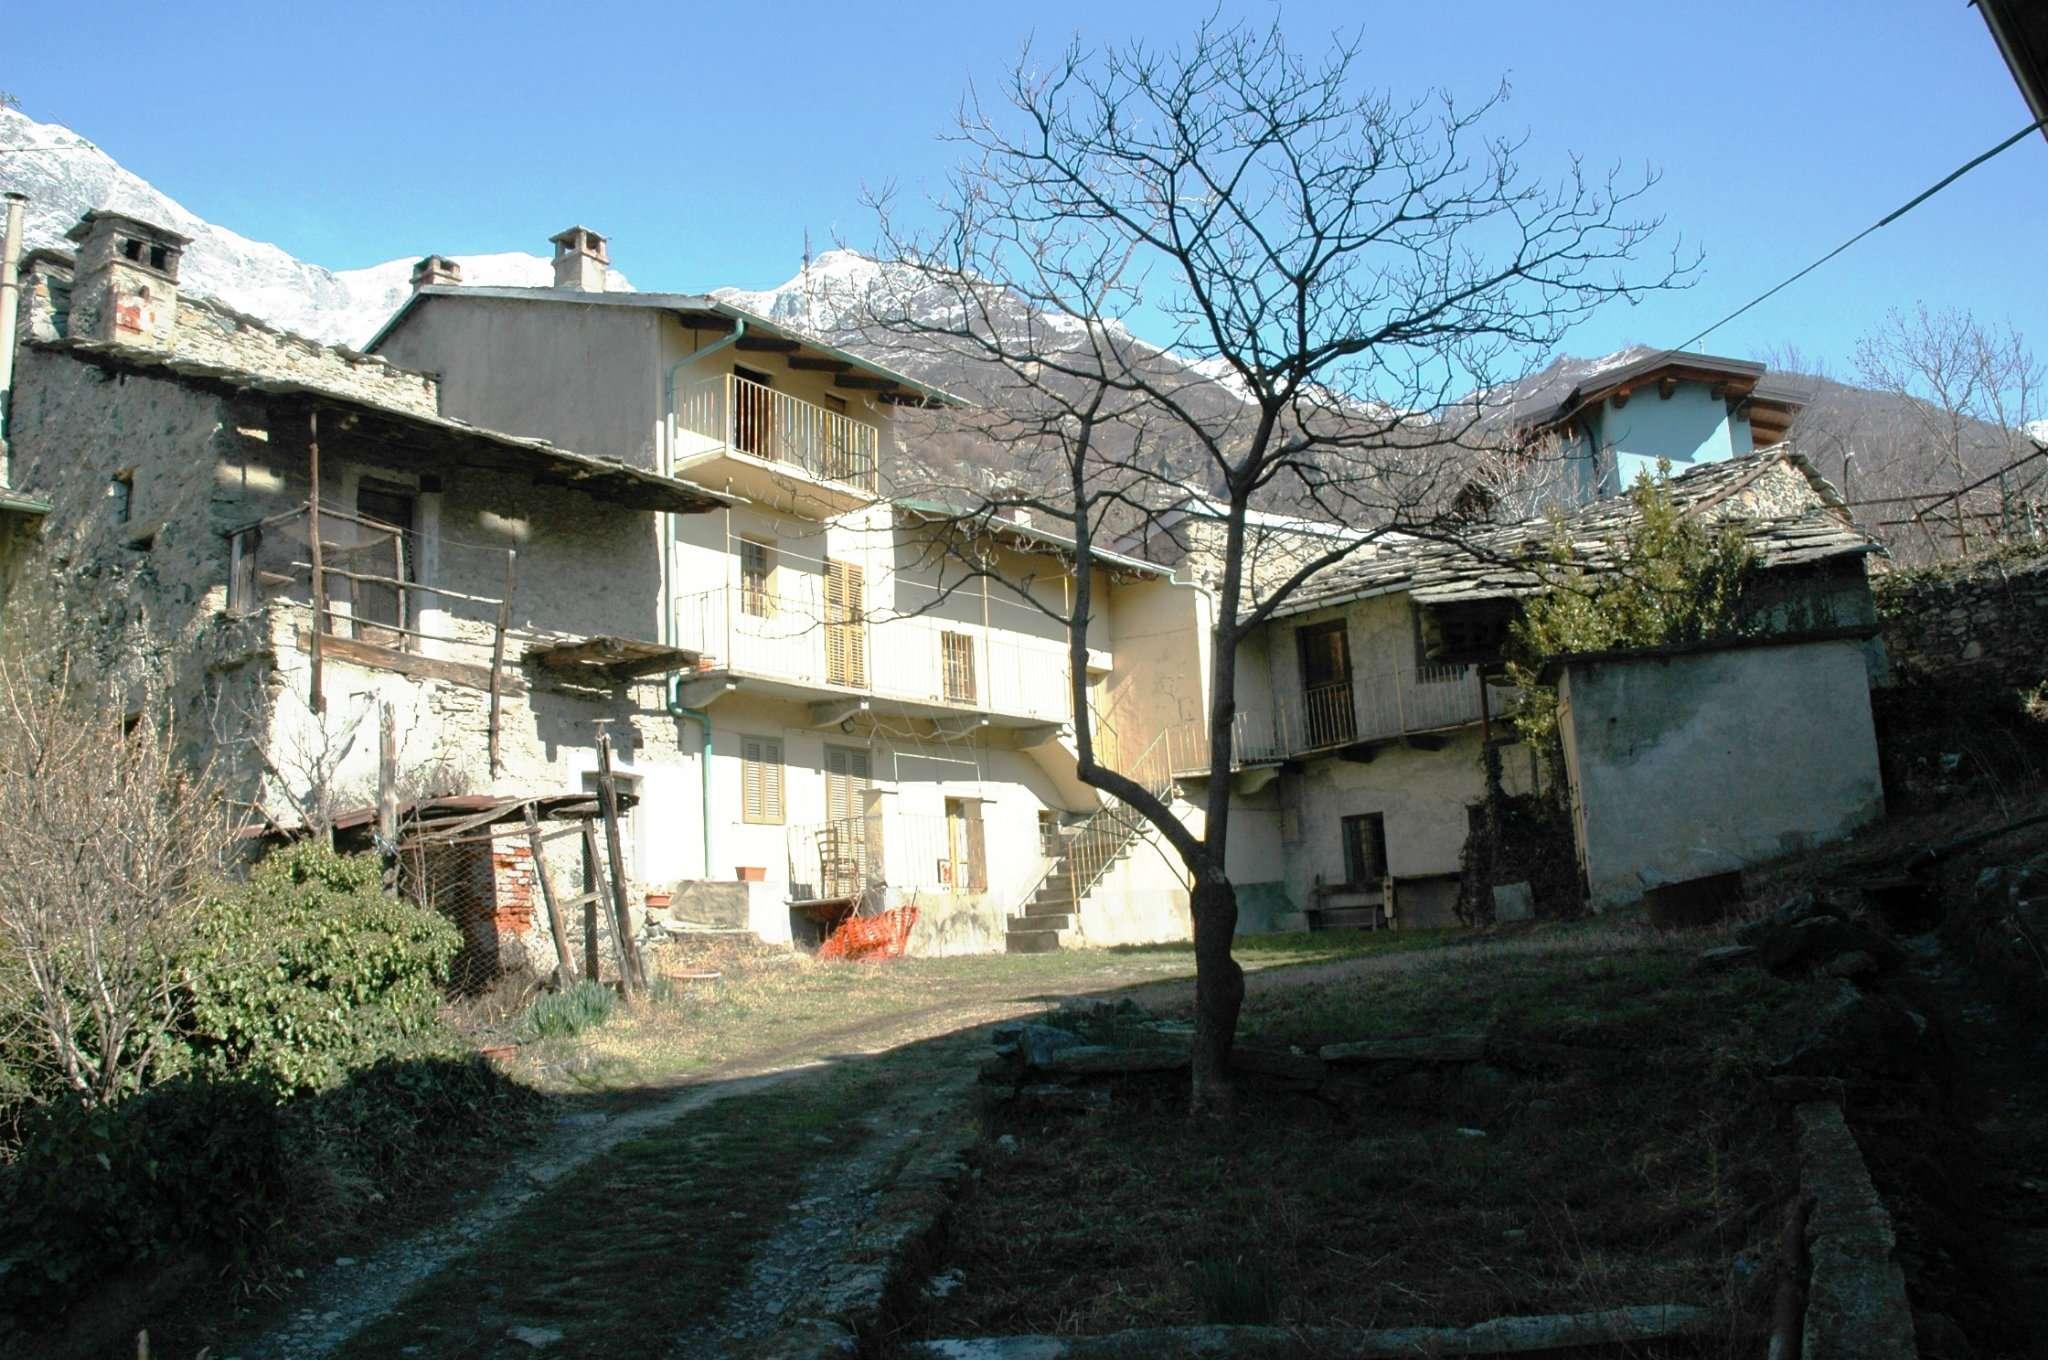 Rustico / Casale da ristrutturare in vendita Rif. 9150251